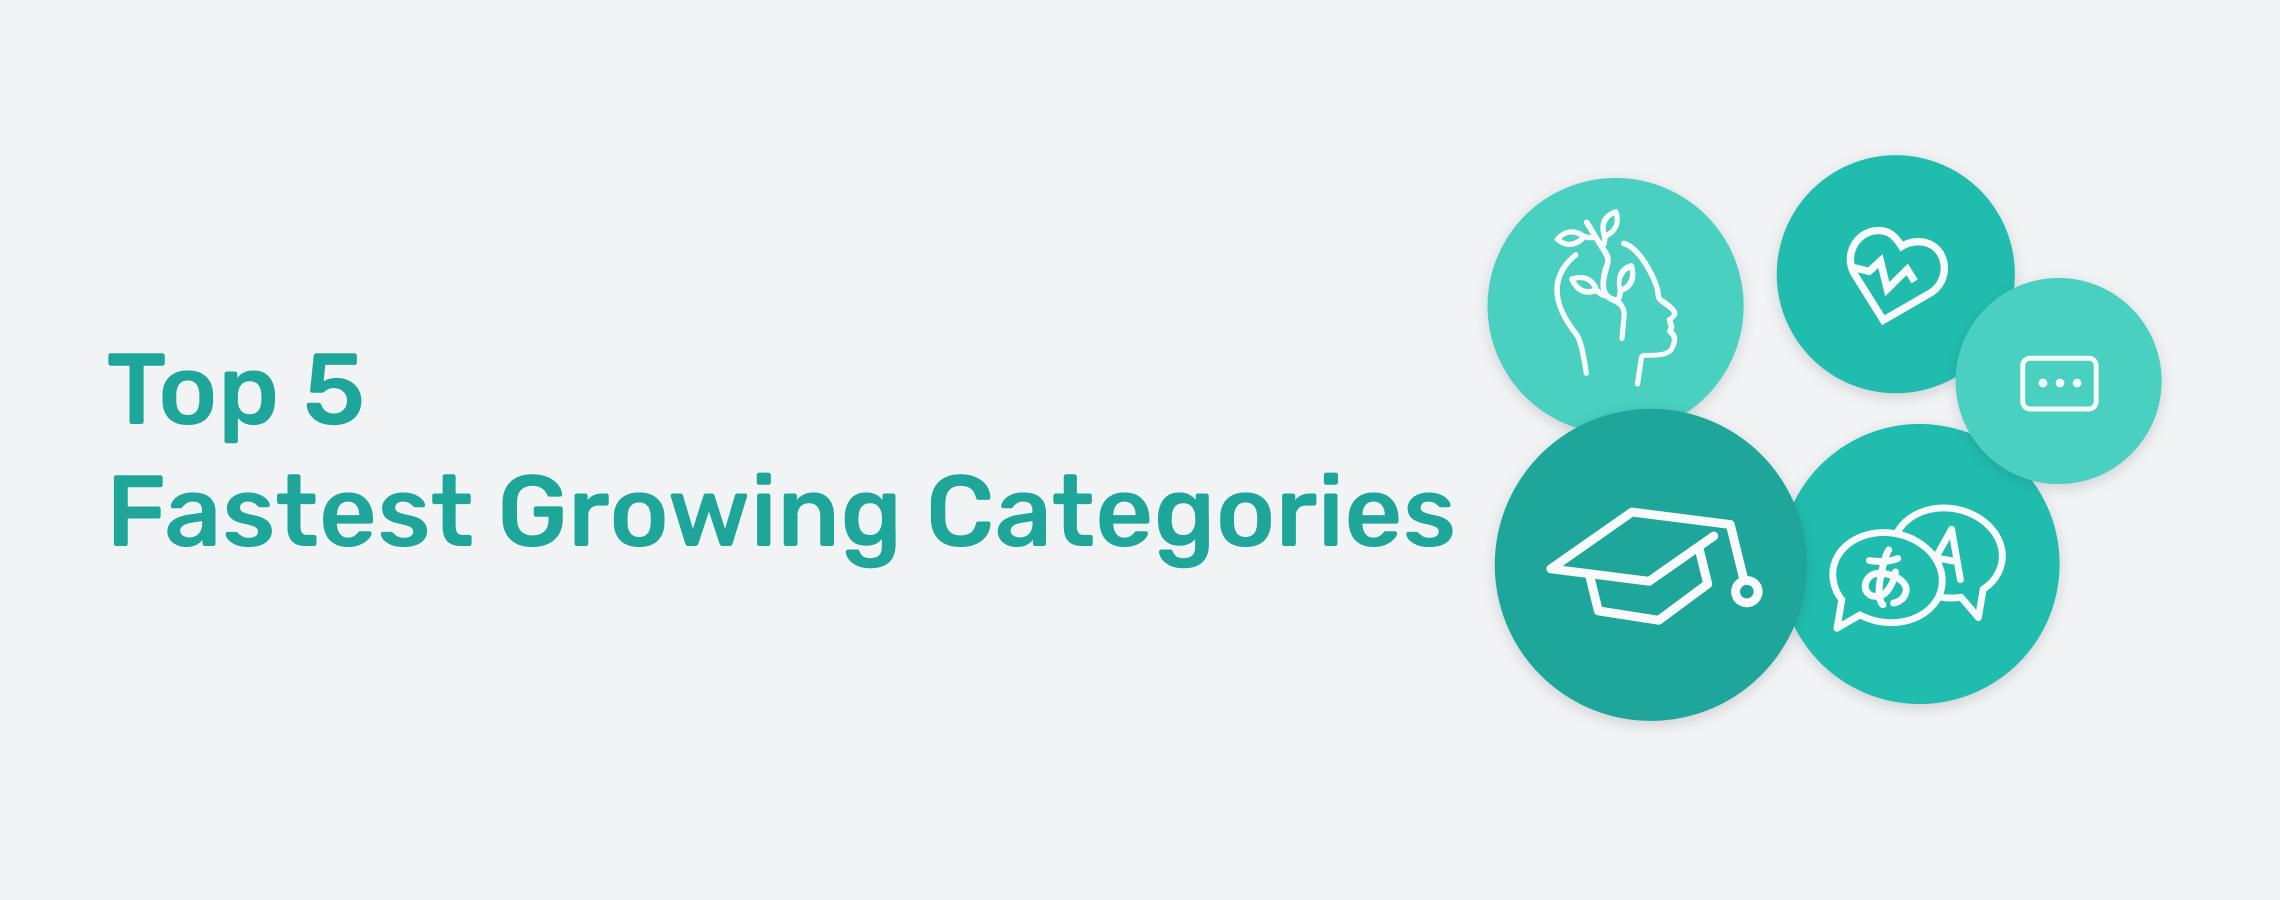 Las 5 categorías de mayor crecimiento